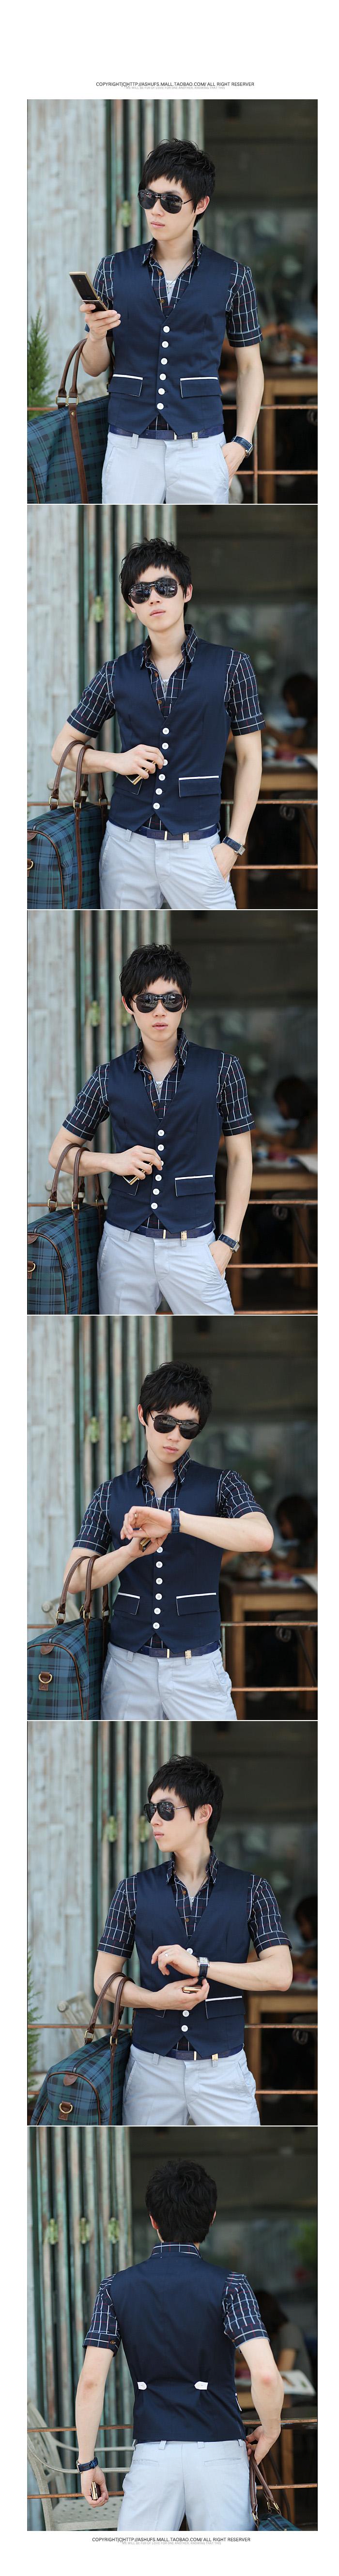 POPHOMME Tide men's spring-summer men's suits-cultivating leisure vest vest men and Korean small spring-summer men's vest vest